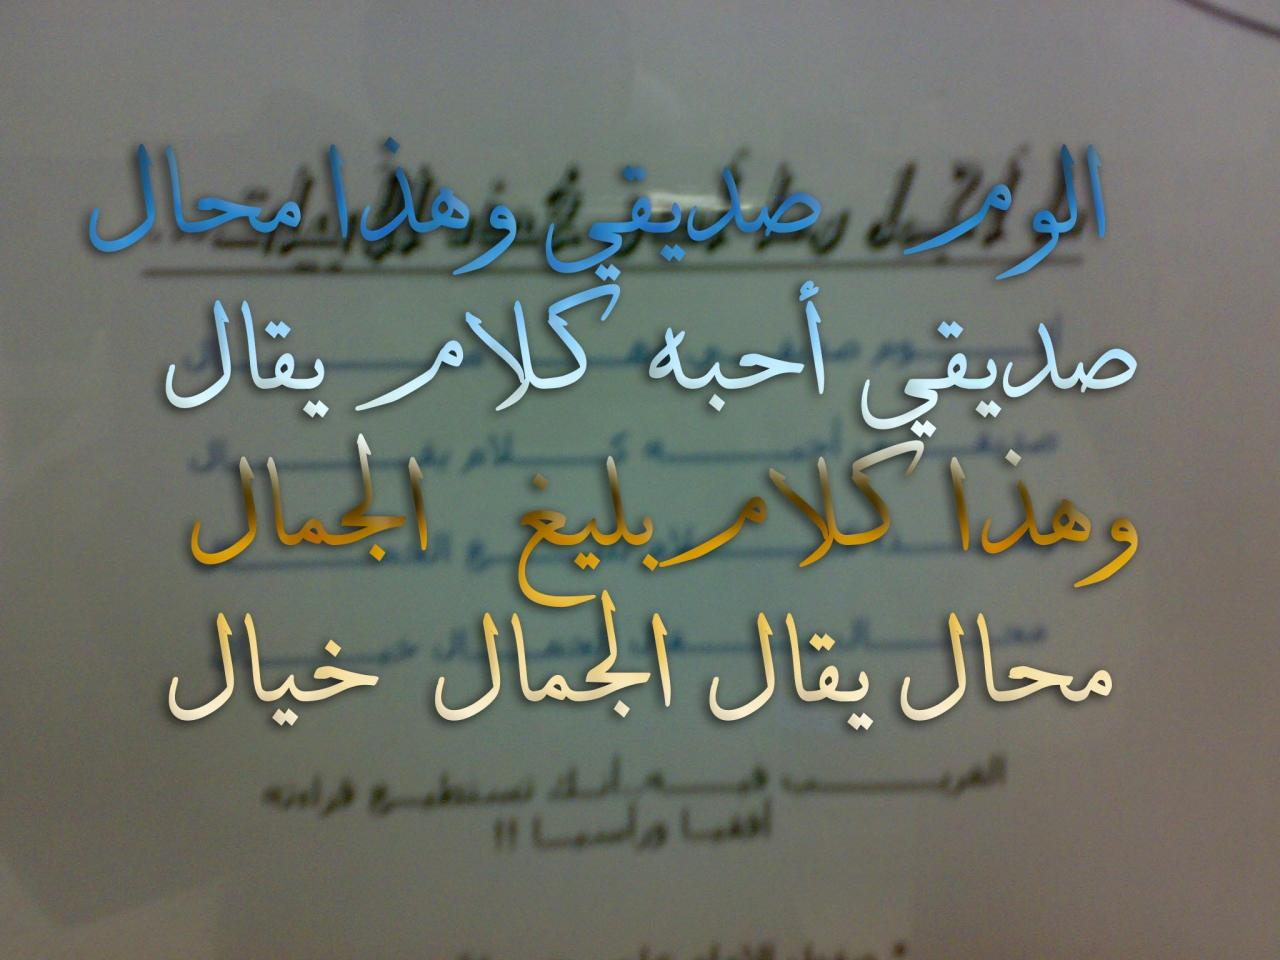 صورة شعر مدح الصديق , ابيات شعريه عن الثناء للاصحاب